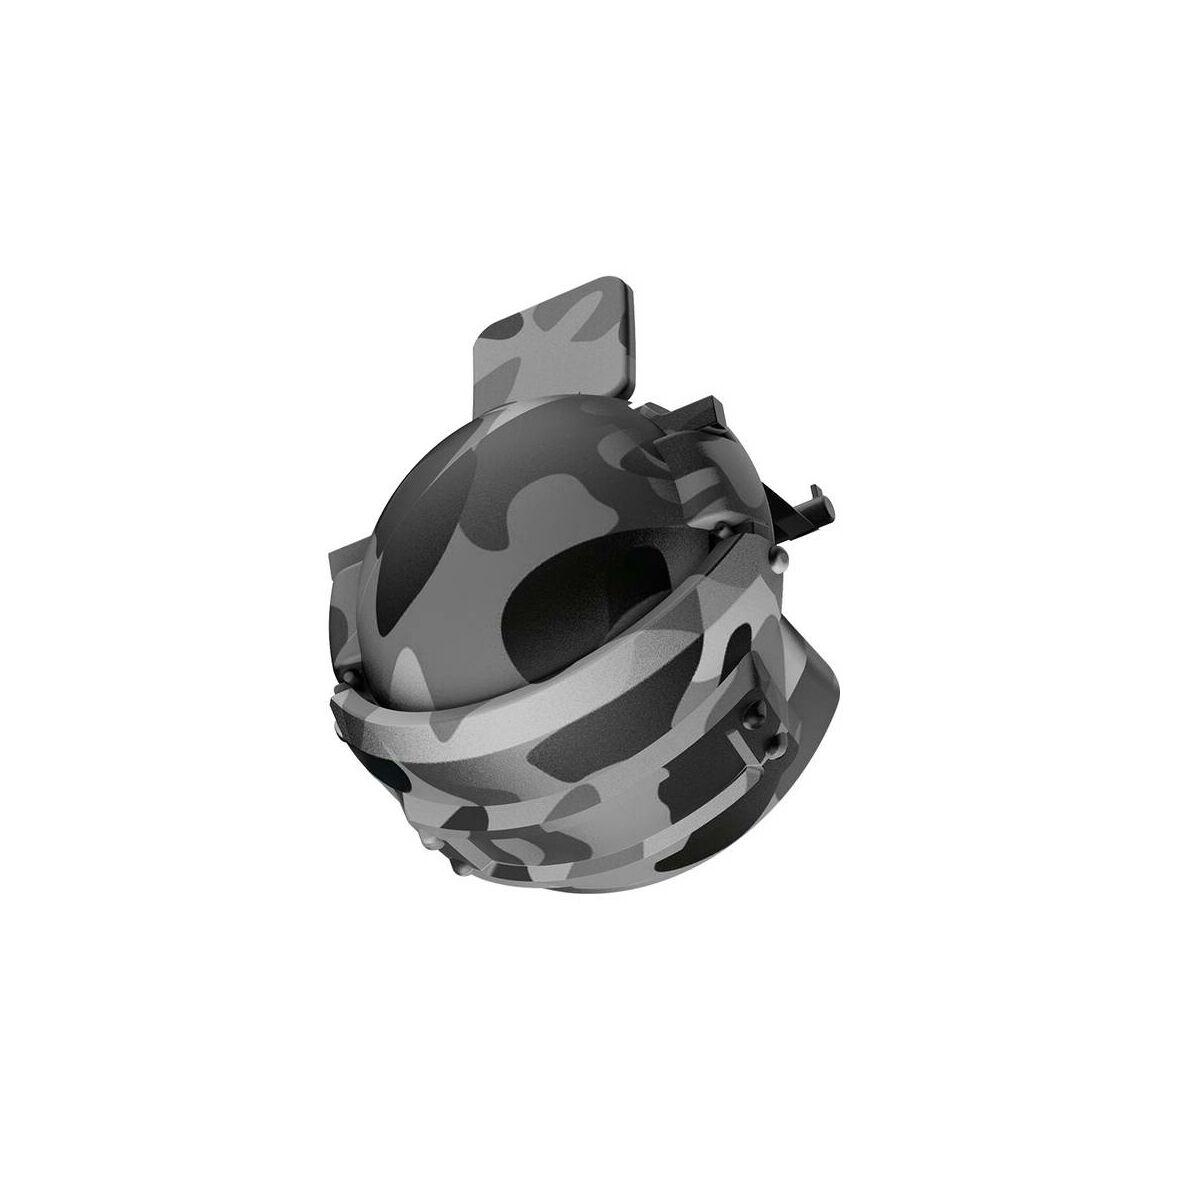 Baseus játék eszköz, Sisak forma, Level 3 PUBG Gadget GA03, Camouflage, terepmintás, fehér (GMGA03-A02)